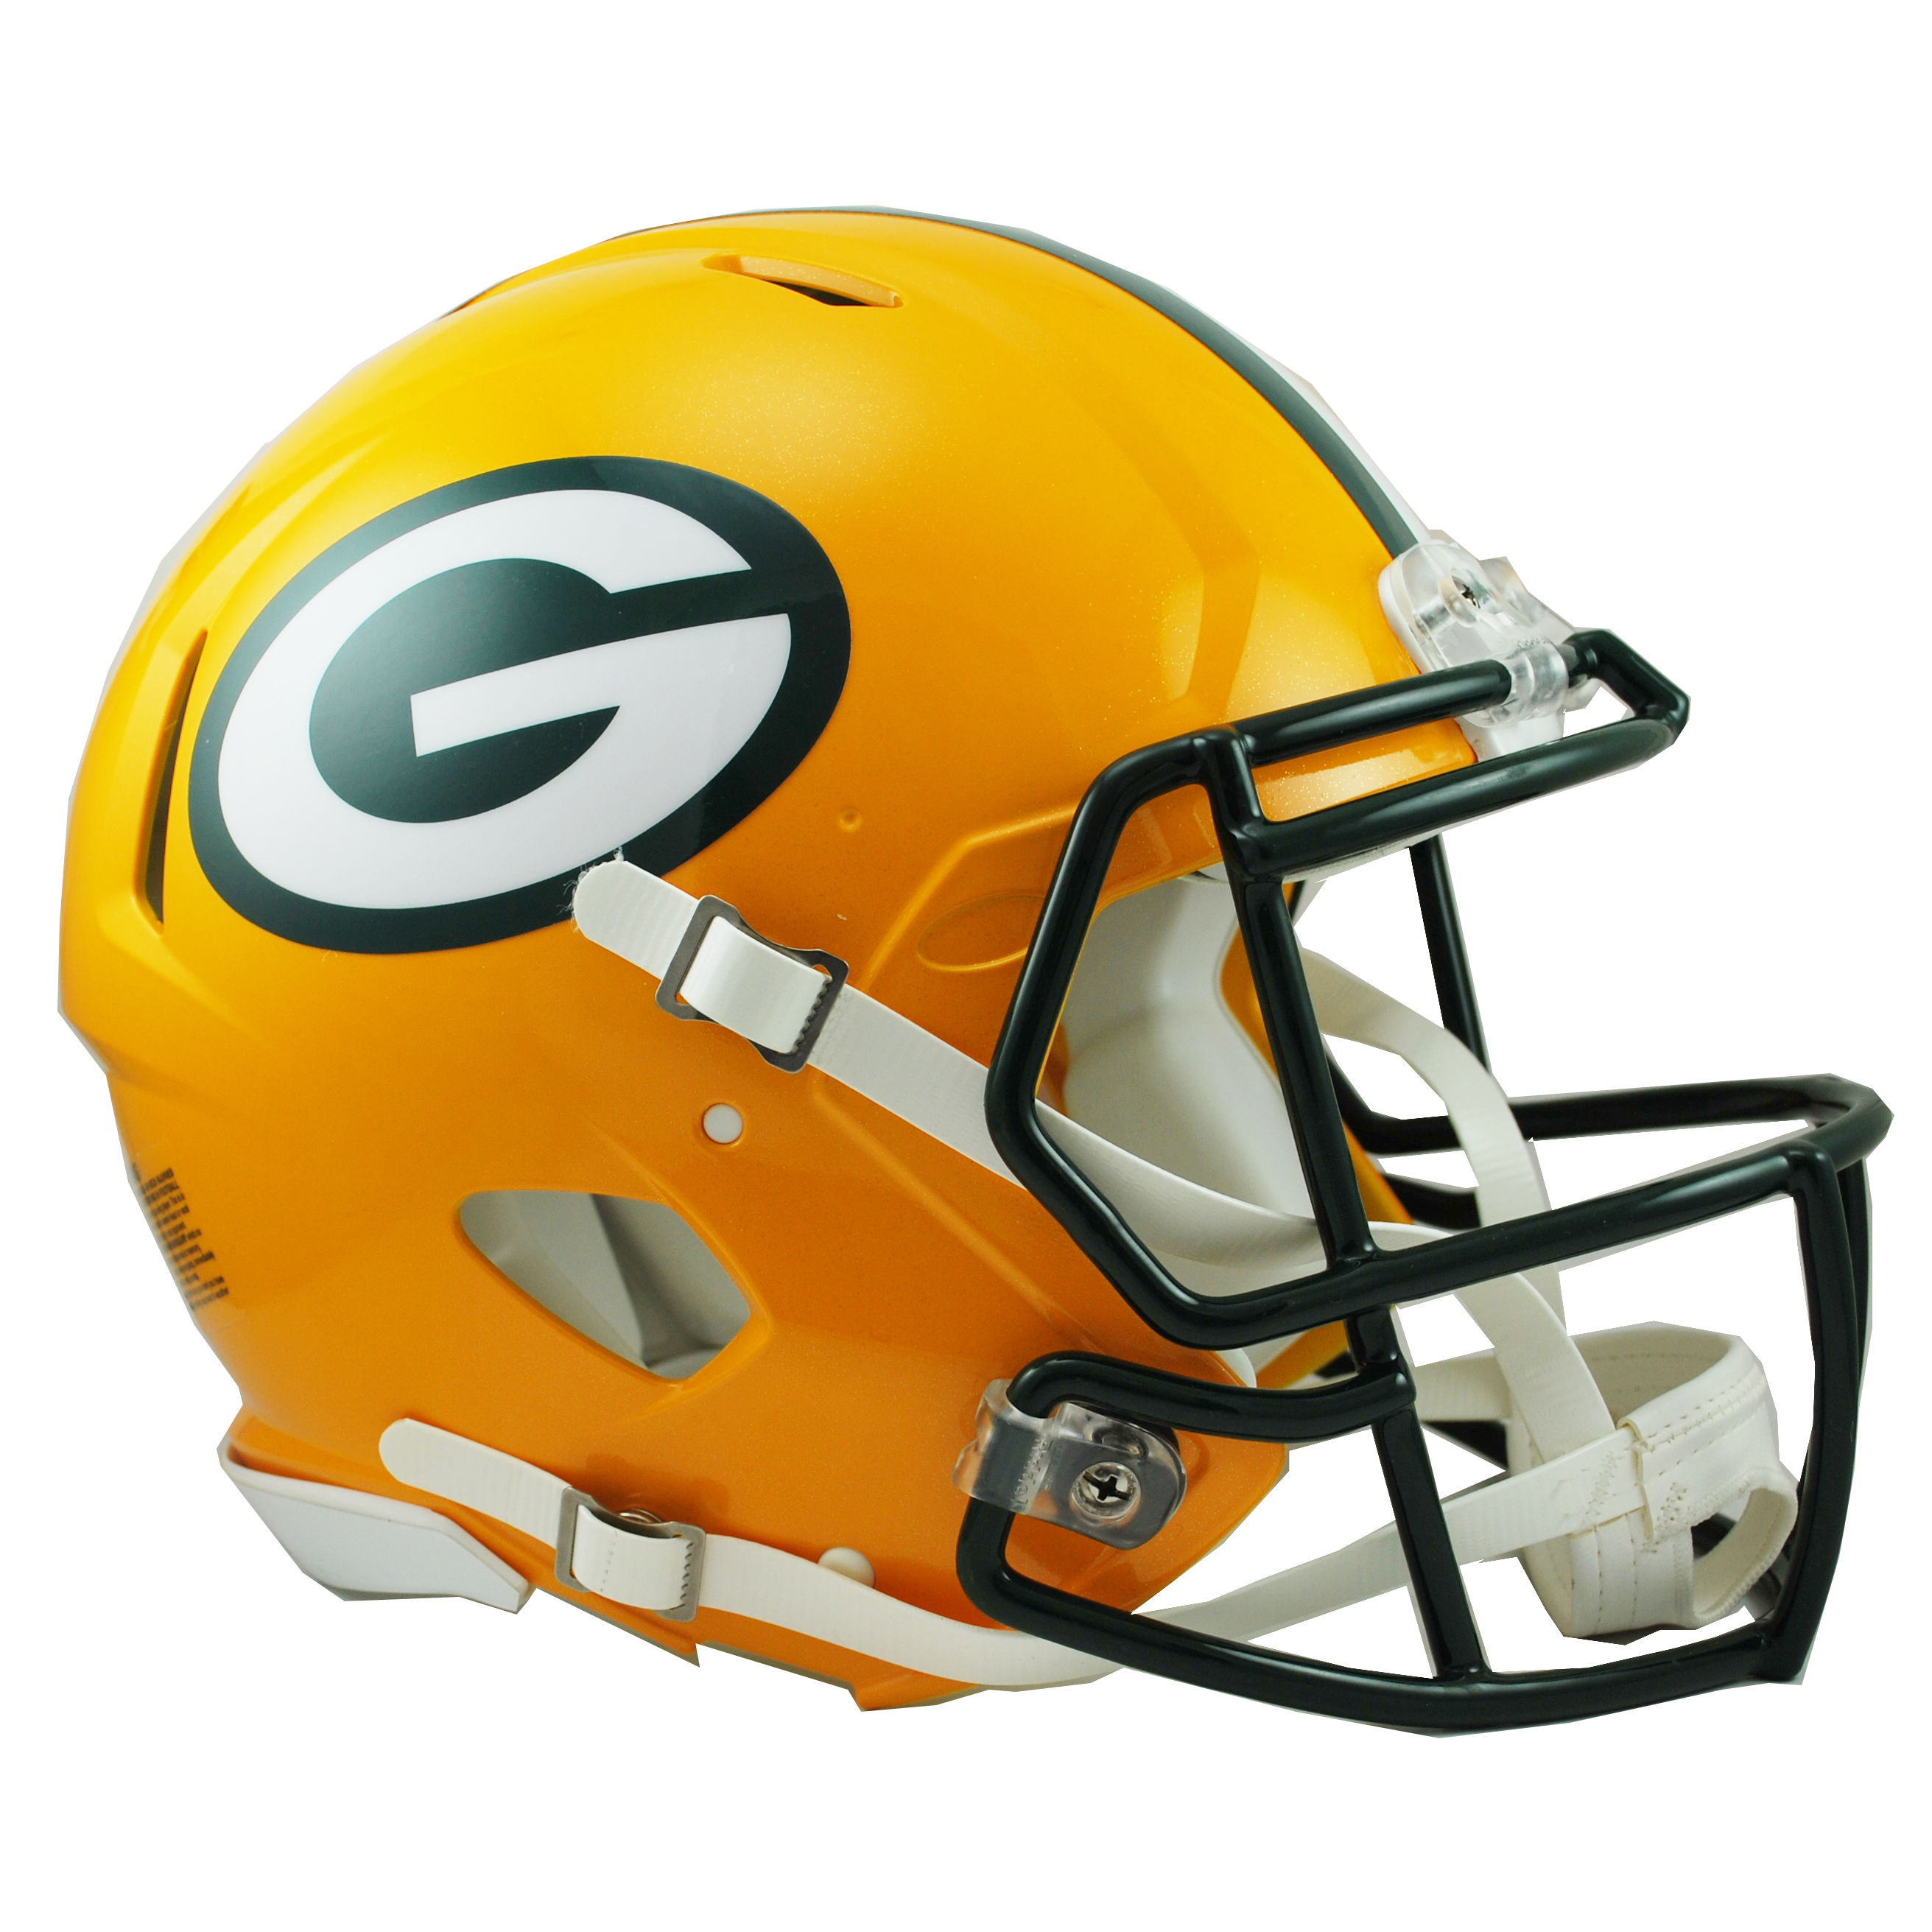 Green Bay Packers Helmet Png.